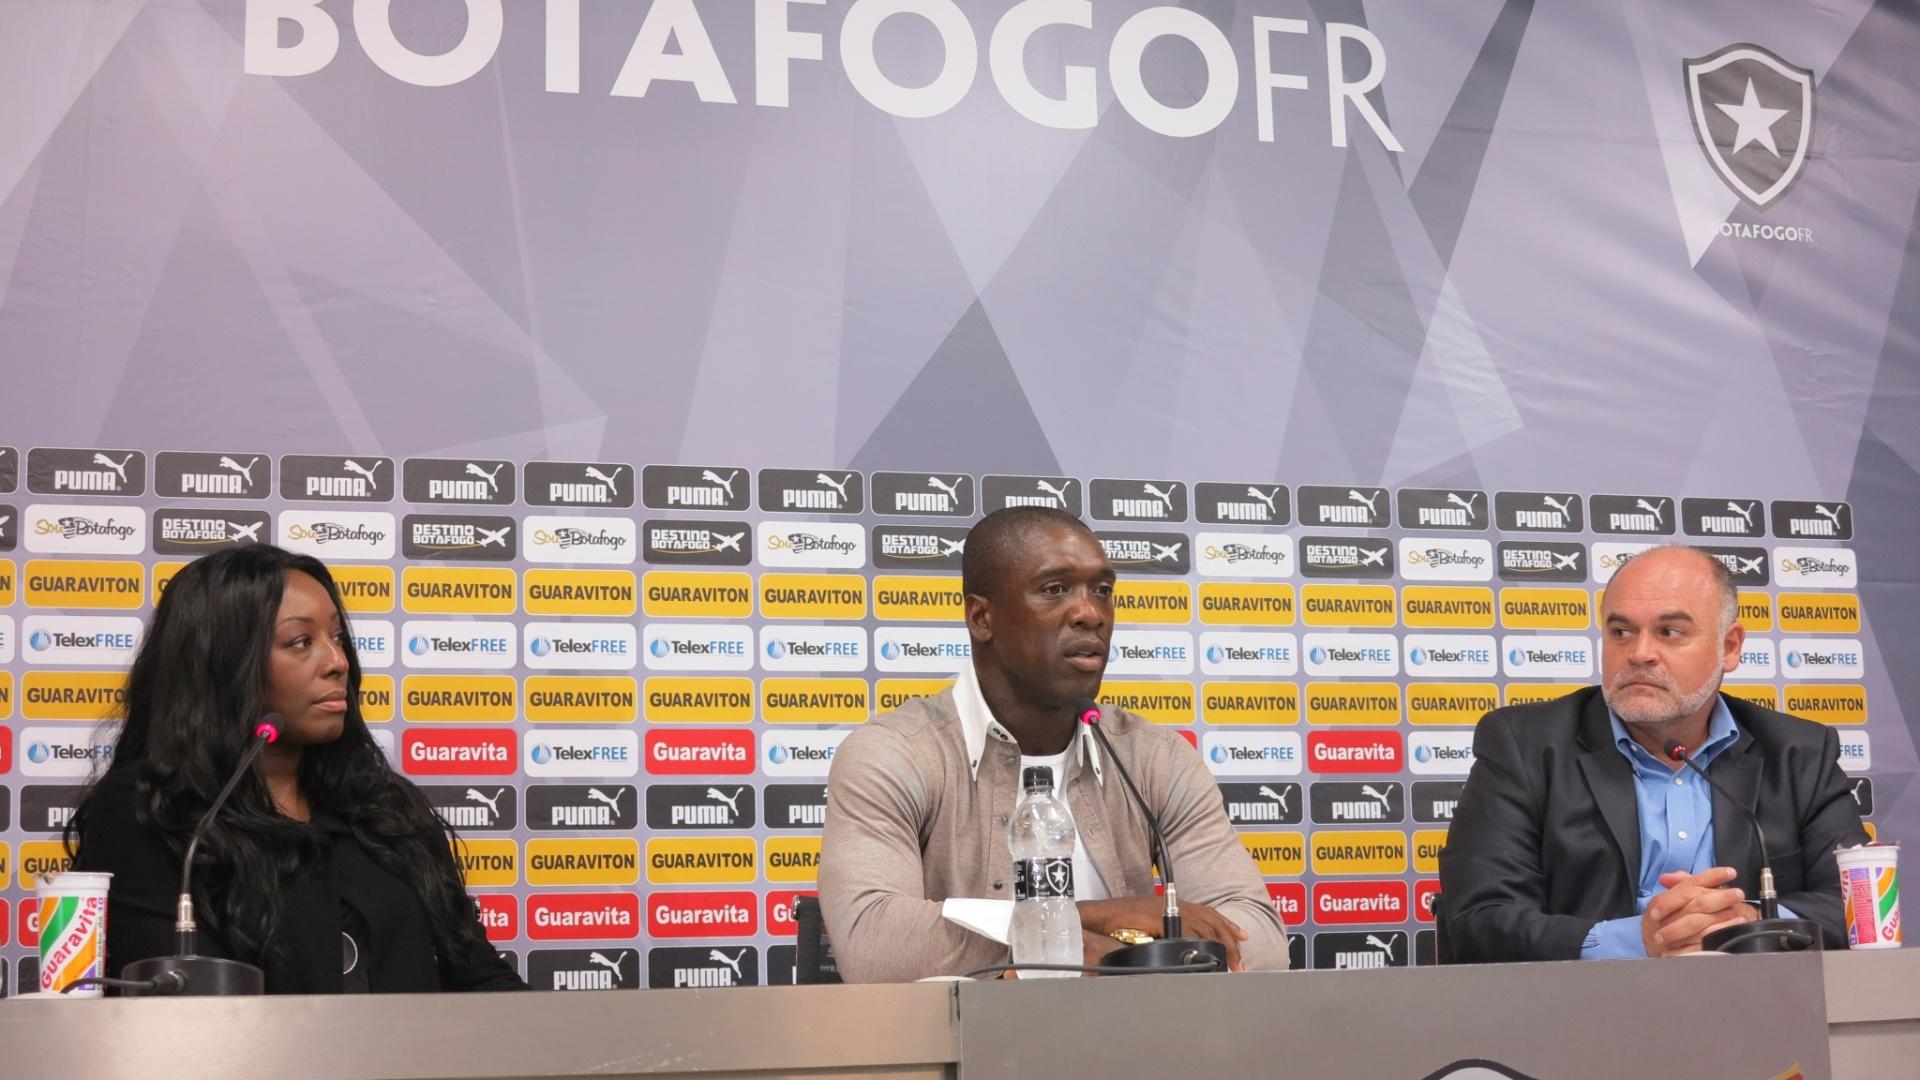 O meia Seedorf anuncia a aposentadoria e será o novo treinador do Milan